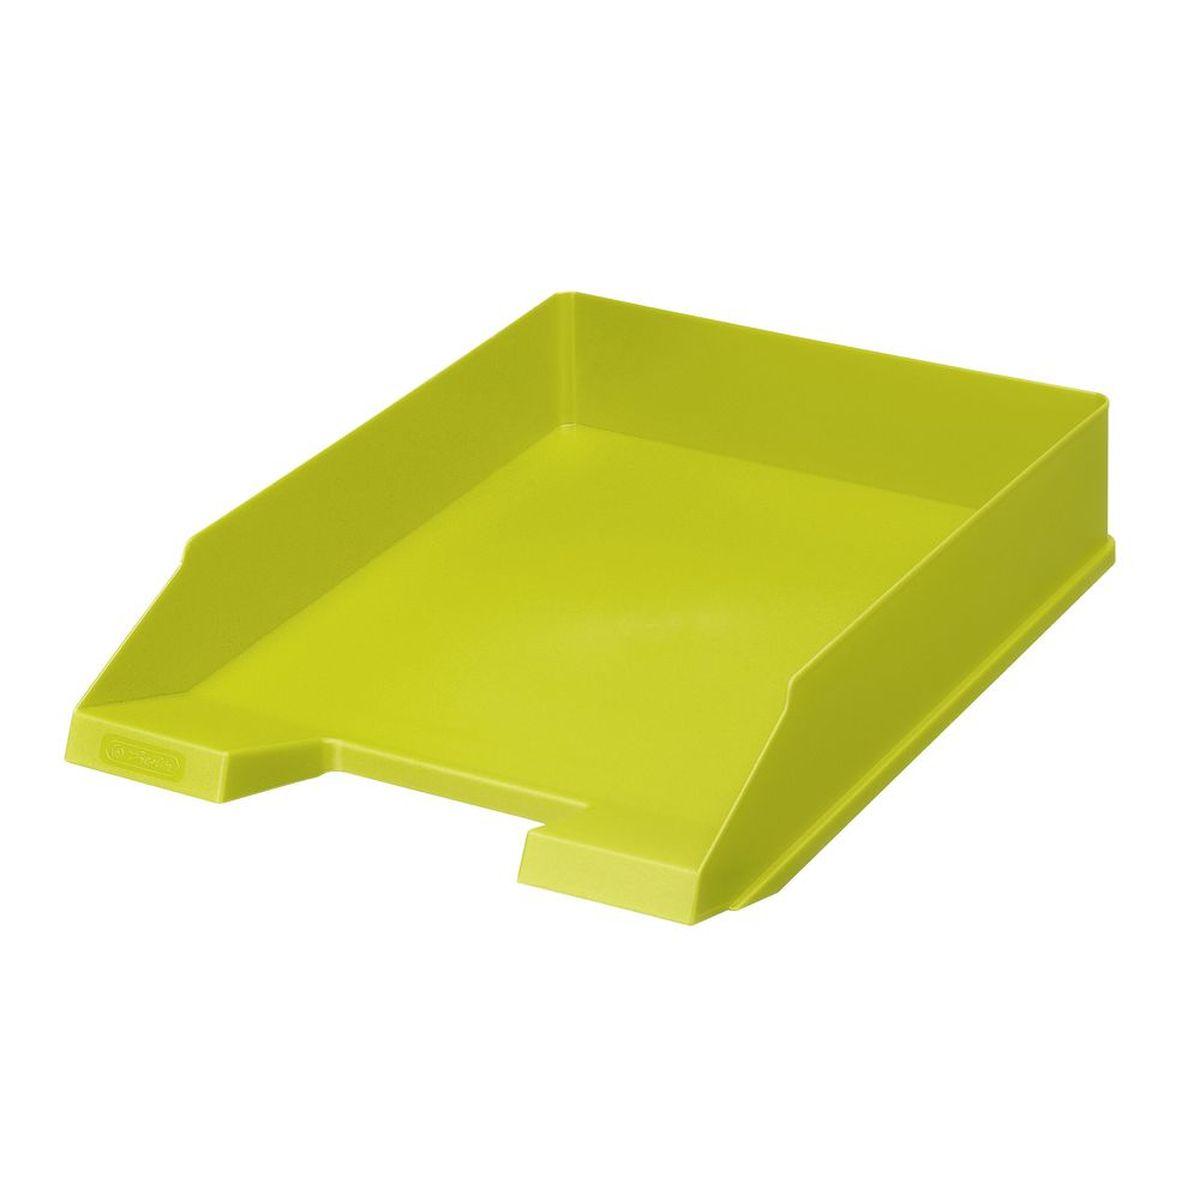 Herlitz Лоток для бумаг Colour Blocking цвет лимонныйFS-00102Практичный лоток для бумаг Herlitz Colour Blocking всегда поможет вам избавиться от лишних документов и содержать порядок на рабочем столе. Лоток изготовлен из пластика и находится всегда в горизонтальном положении, тем самым обеспечивая удобное хранение бумаг и документов. Он значительно облегчает делопроизводство. Яркий дизайн сделает его достойным аксессуаром среди ваших канцелярских принадлежностей и подарит вам хорошее настроение.Формат A4